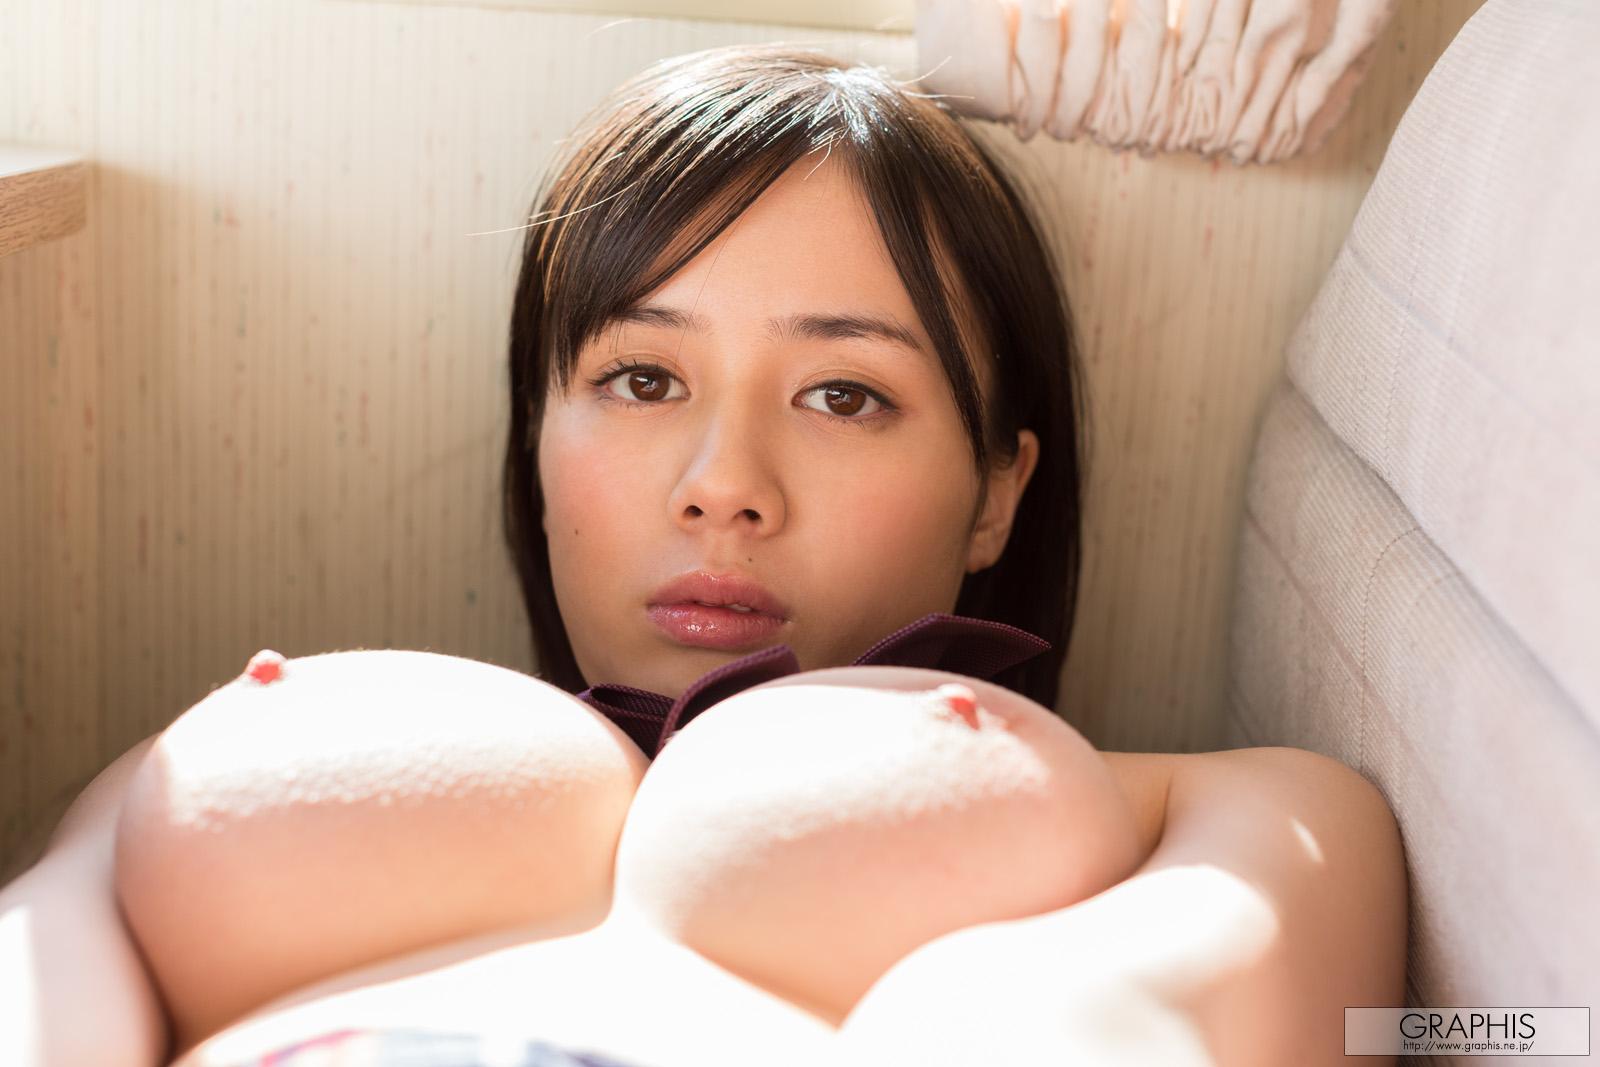 Japan porn actress